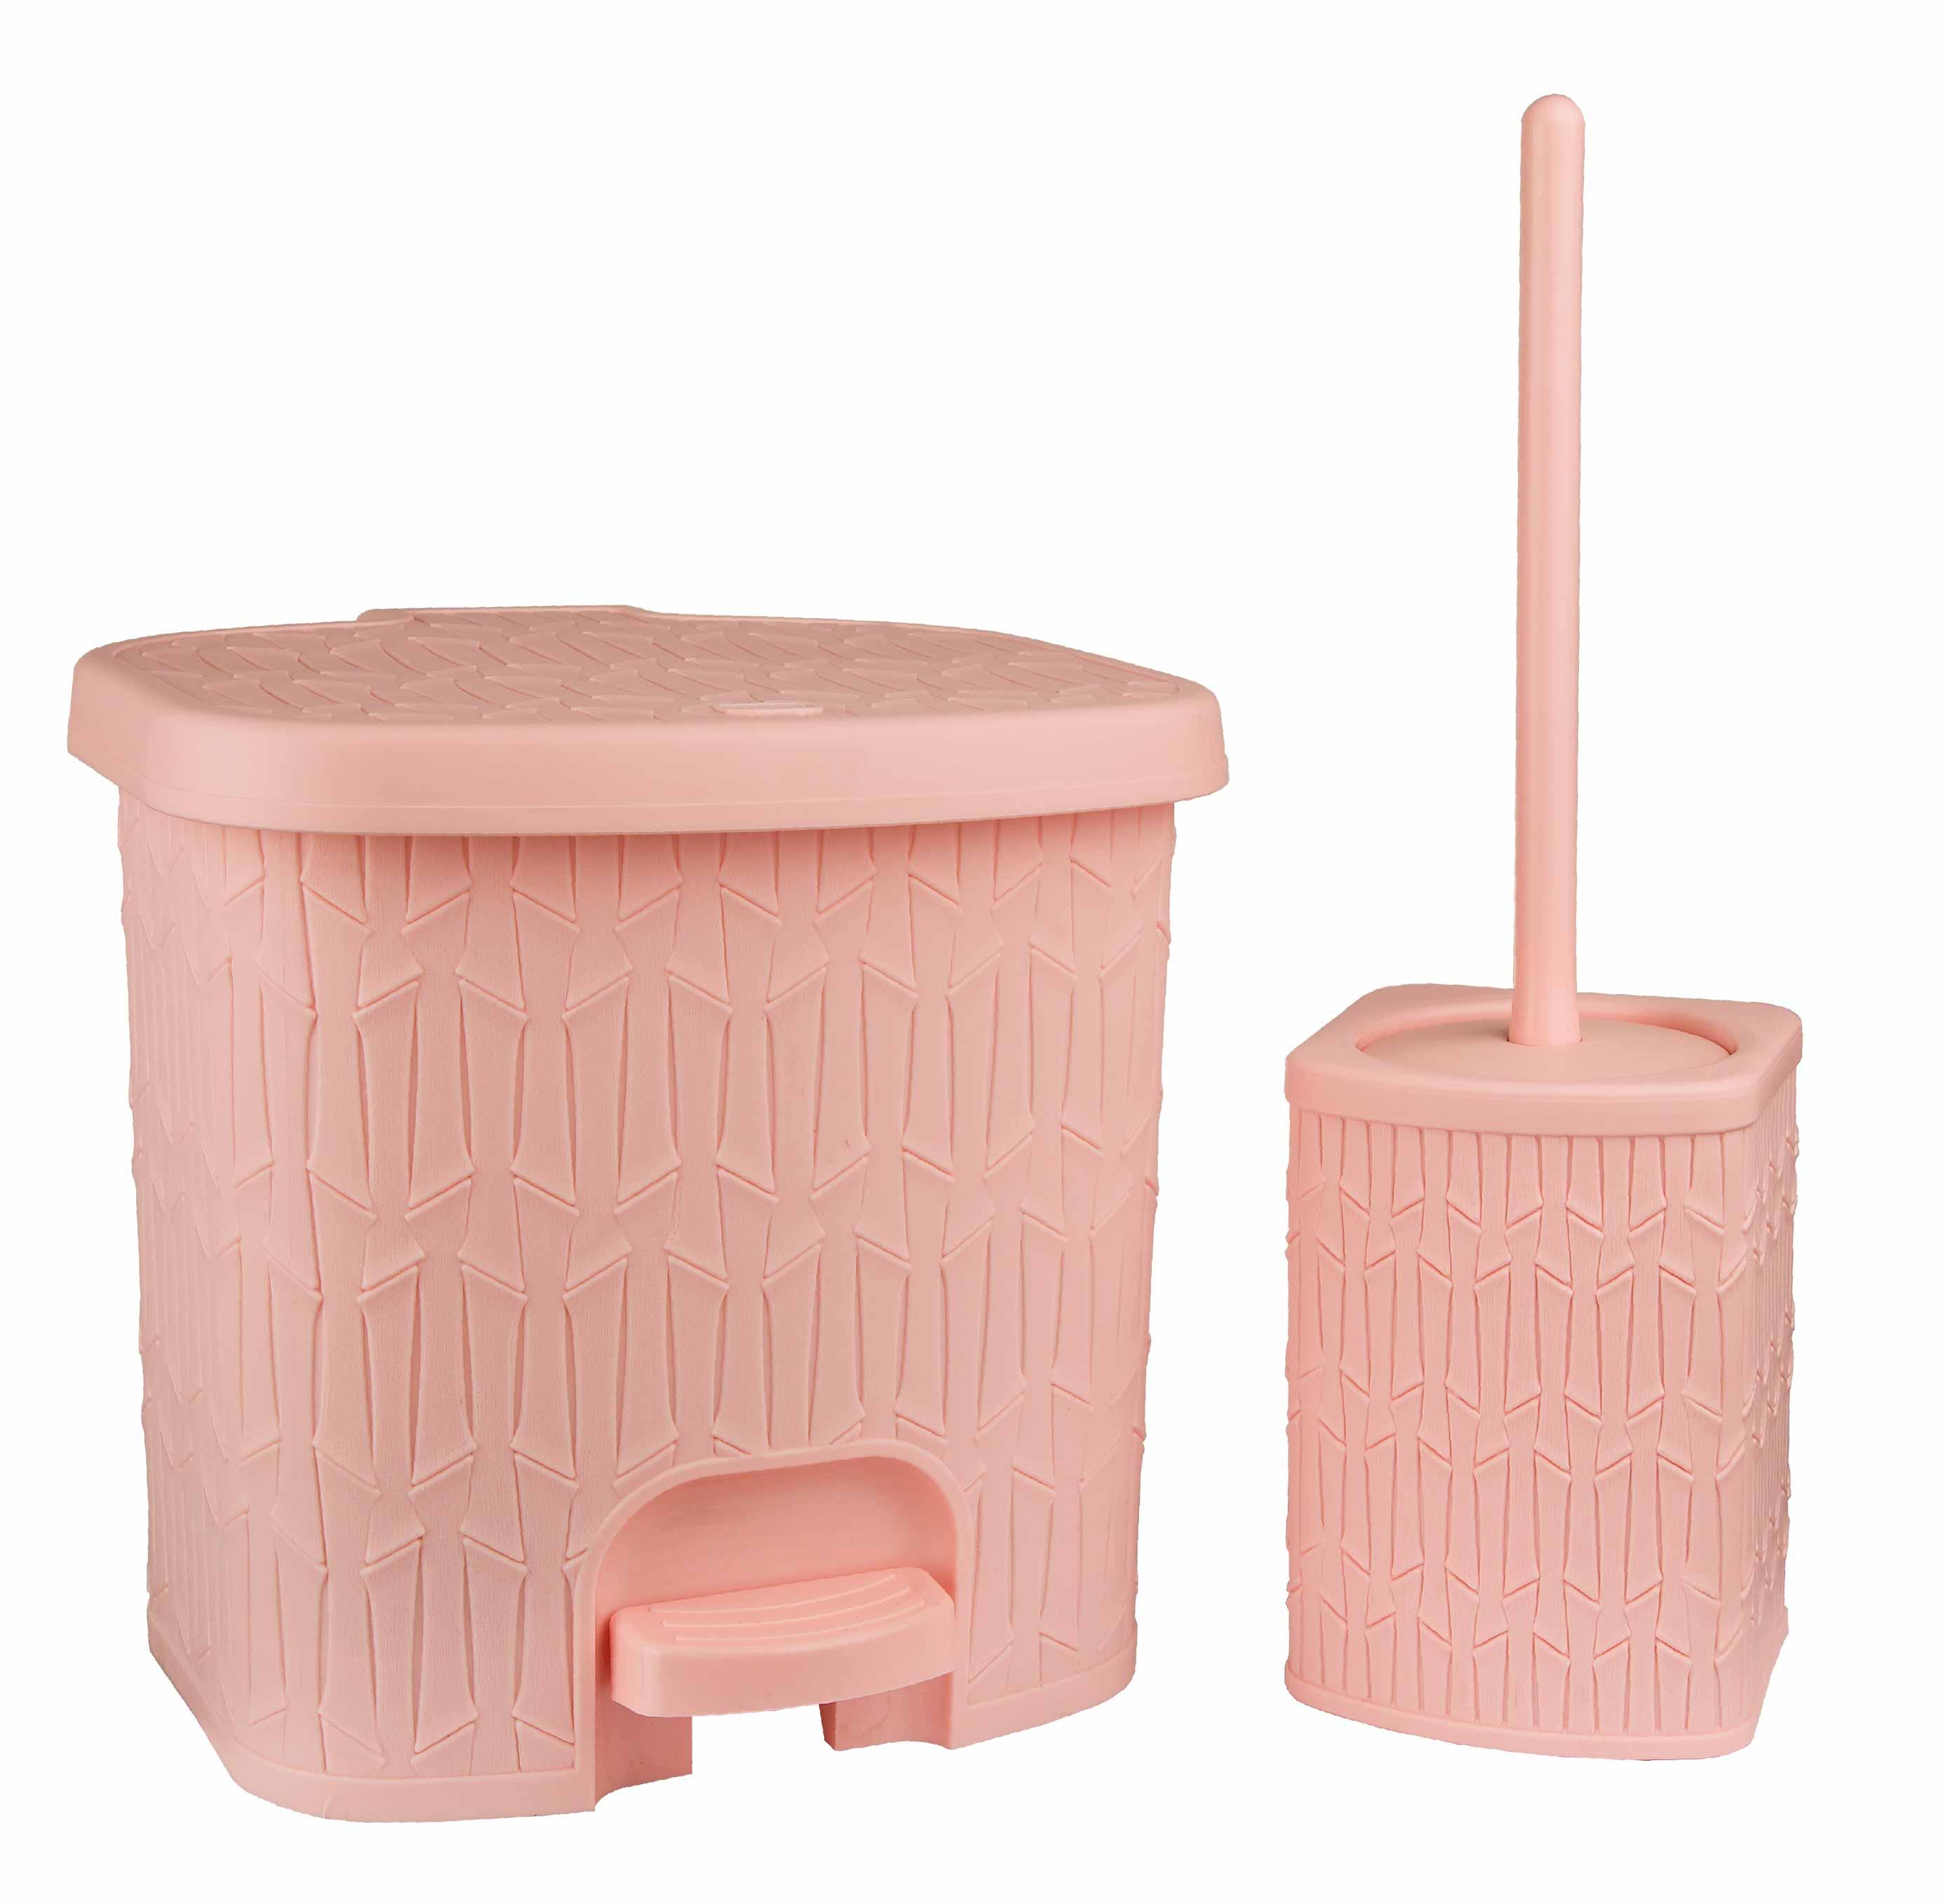 سطل و فرچه طرح بامبو کوچک